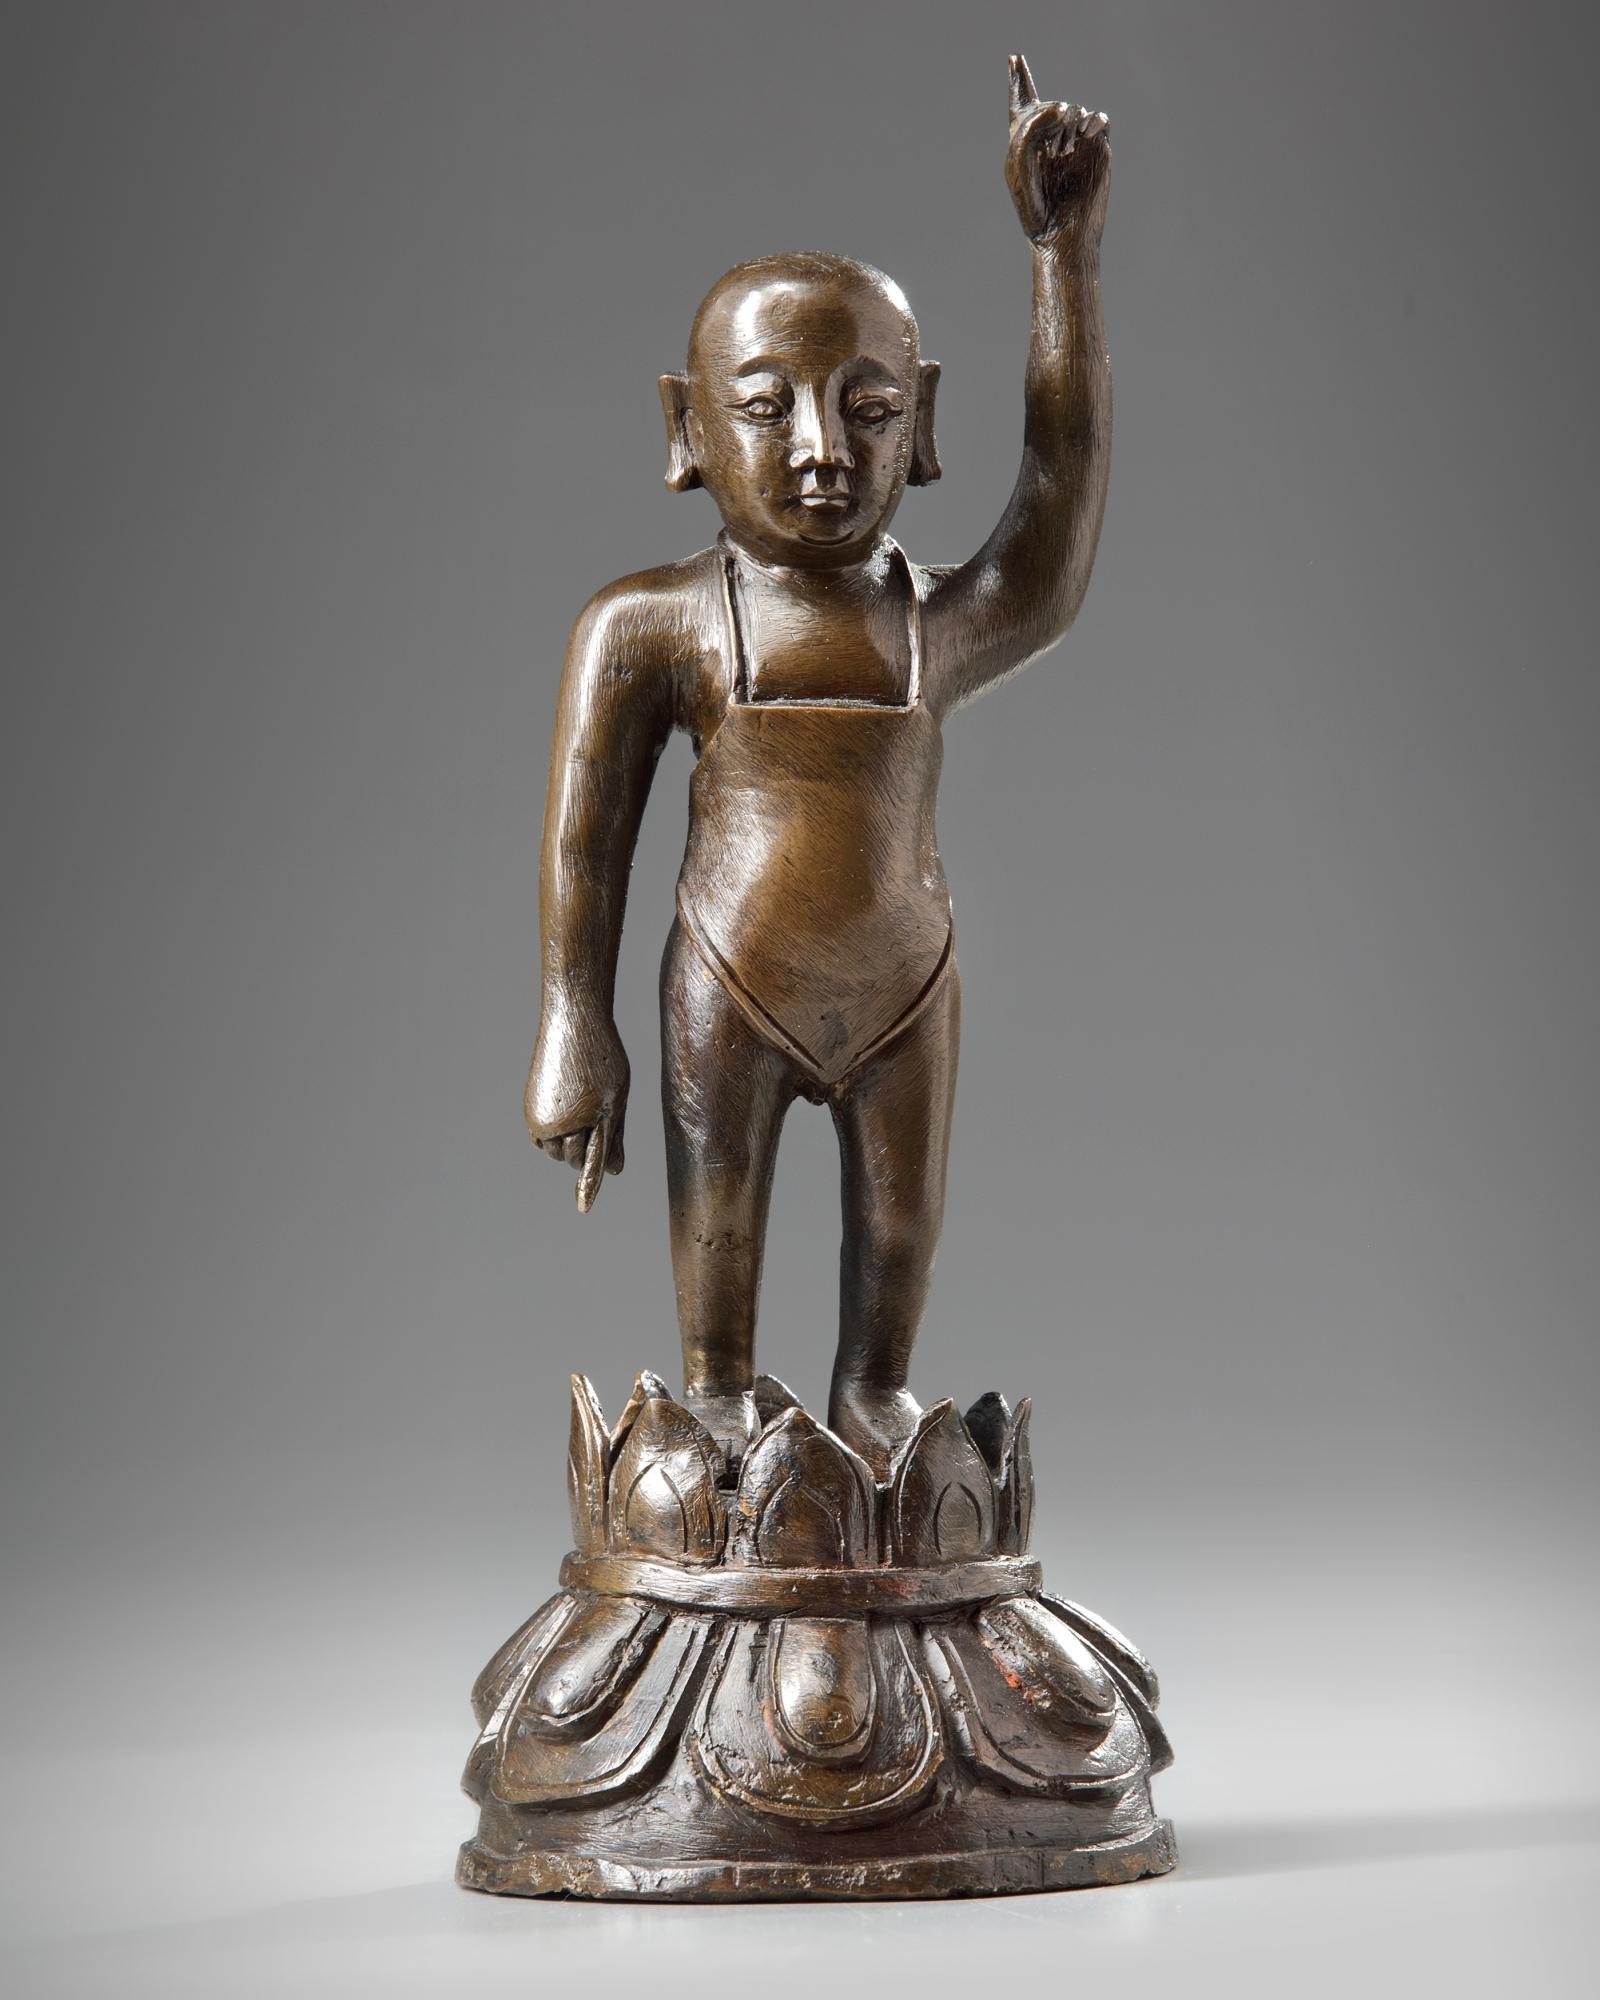 Lot 35 - A Chinese bronze figure of the boy Shakyamuni